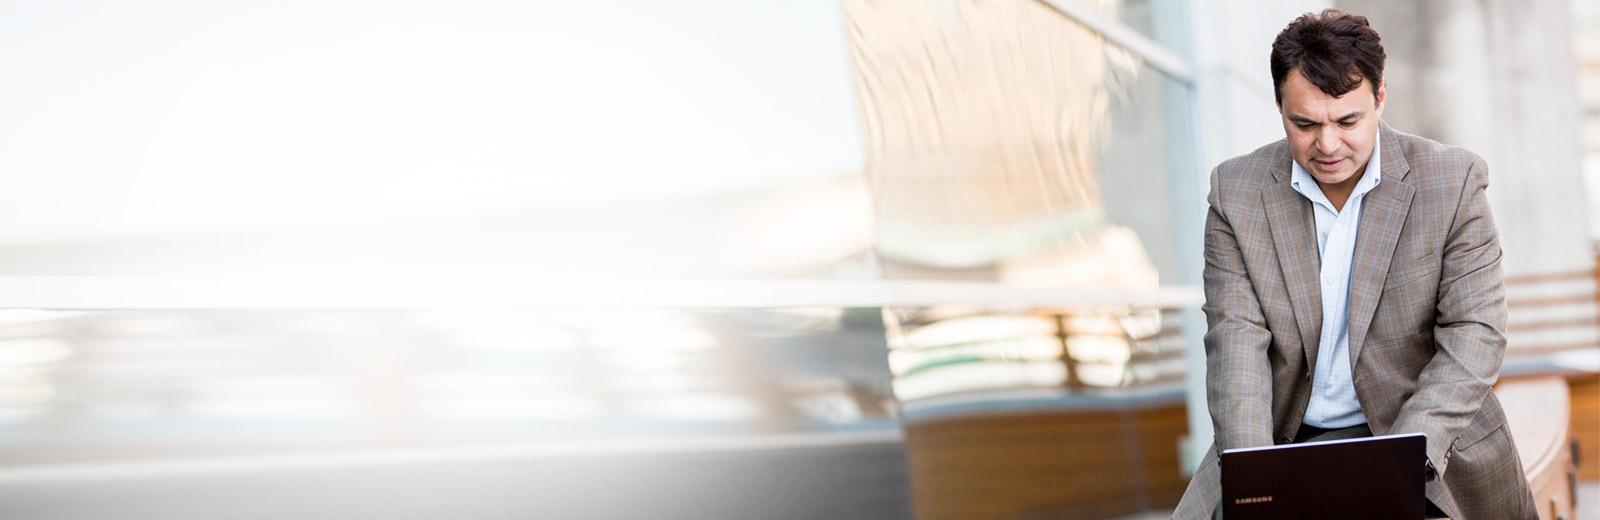 Čovjek koji na prijenosnom računalu radi s poslovnom e-poštom povezanom sa servisom Exchange Online.